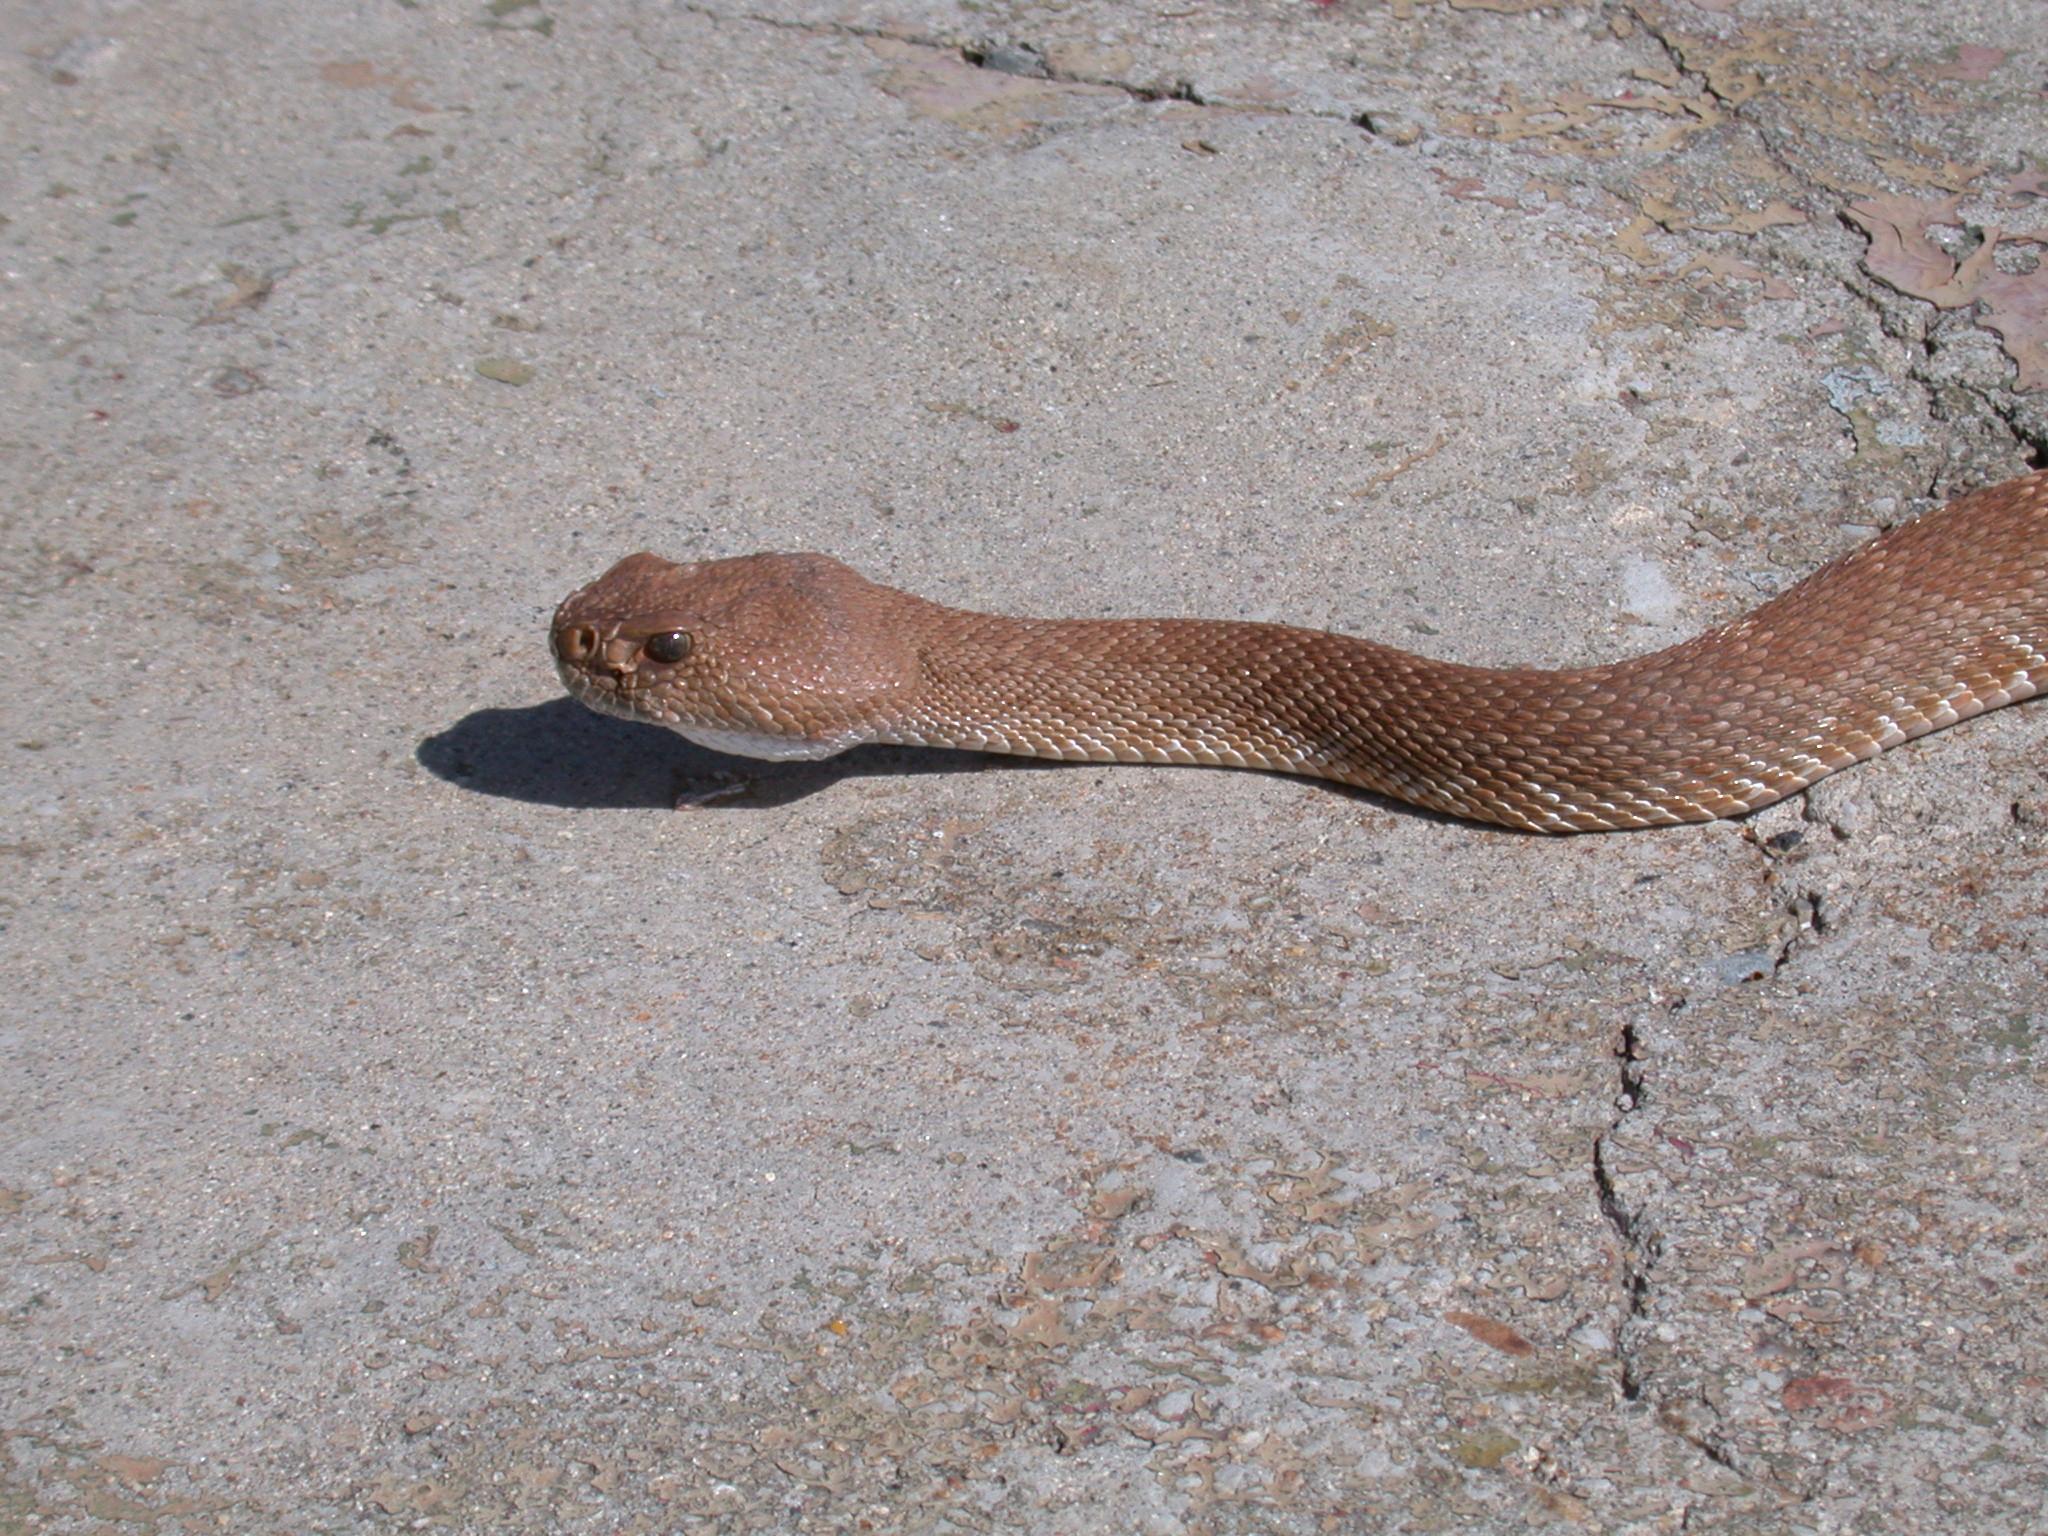 78dfeebf969 Rattlesnakes in California